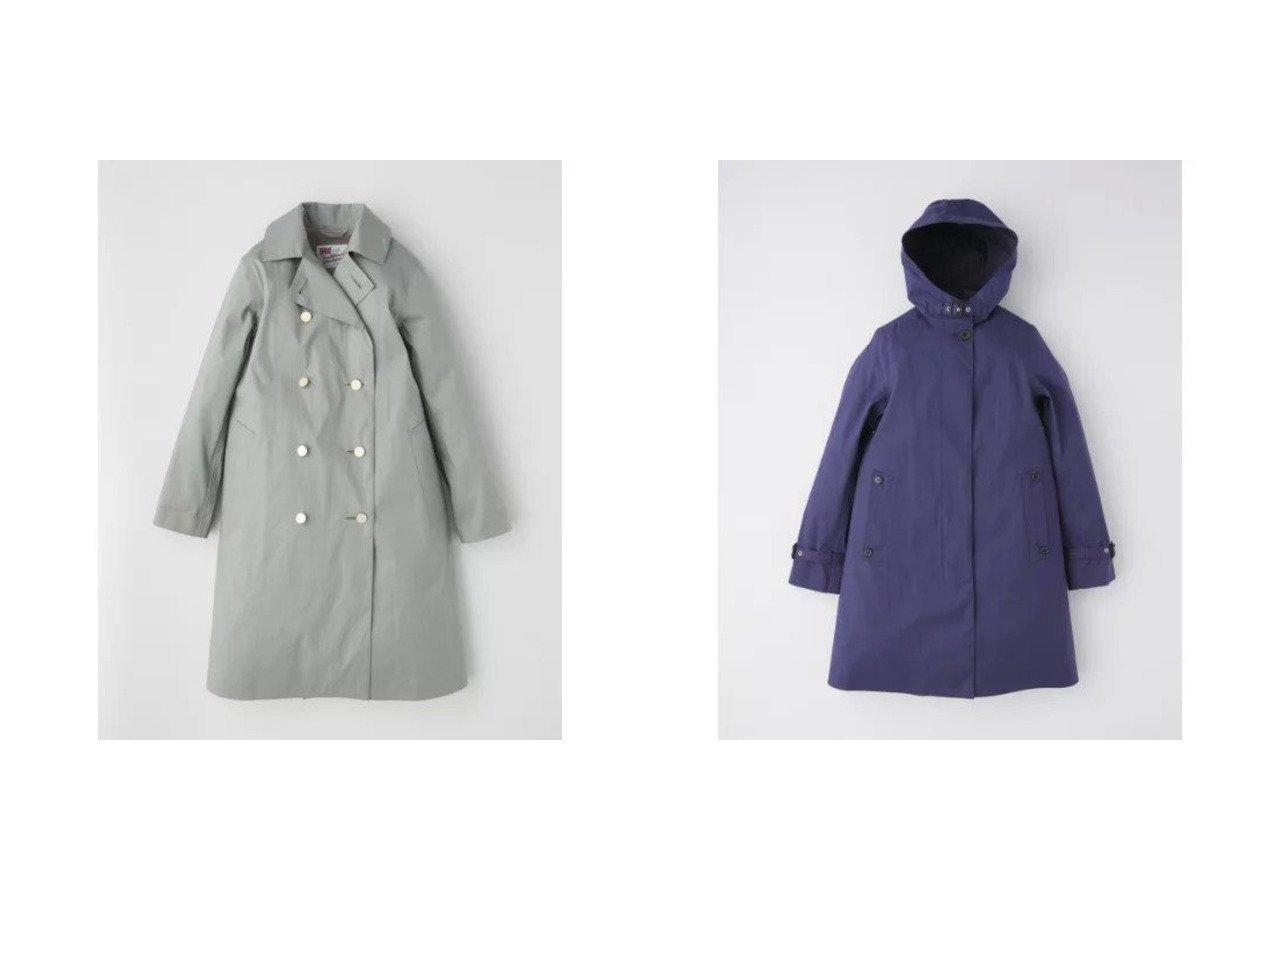 【TWW / Traditional Weatherwear/トラディショナル ウェザーウェア】の【STORMSEAL】BOY FRIEND BANWELL&【STORMSEAL】DELVINE TWW / Traditional Weatherwearのおすすめ!人気、トレンド・レディースファッションの通販 おすすめで人気の流行・トレンド、ファッションの通販商品 メンズファッション・キッズファッション・インテリア・家具・レディースファッション・服の通販 founy(ファニー) https://founy.com/ ファッション Fashion レディースファッション WOMEN カラフル サテン シンプル ダブル ベーシック |ID:crp329100000018650